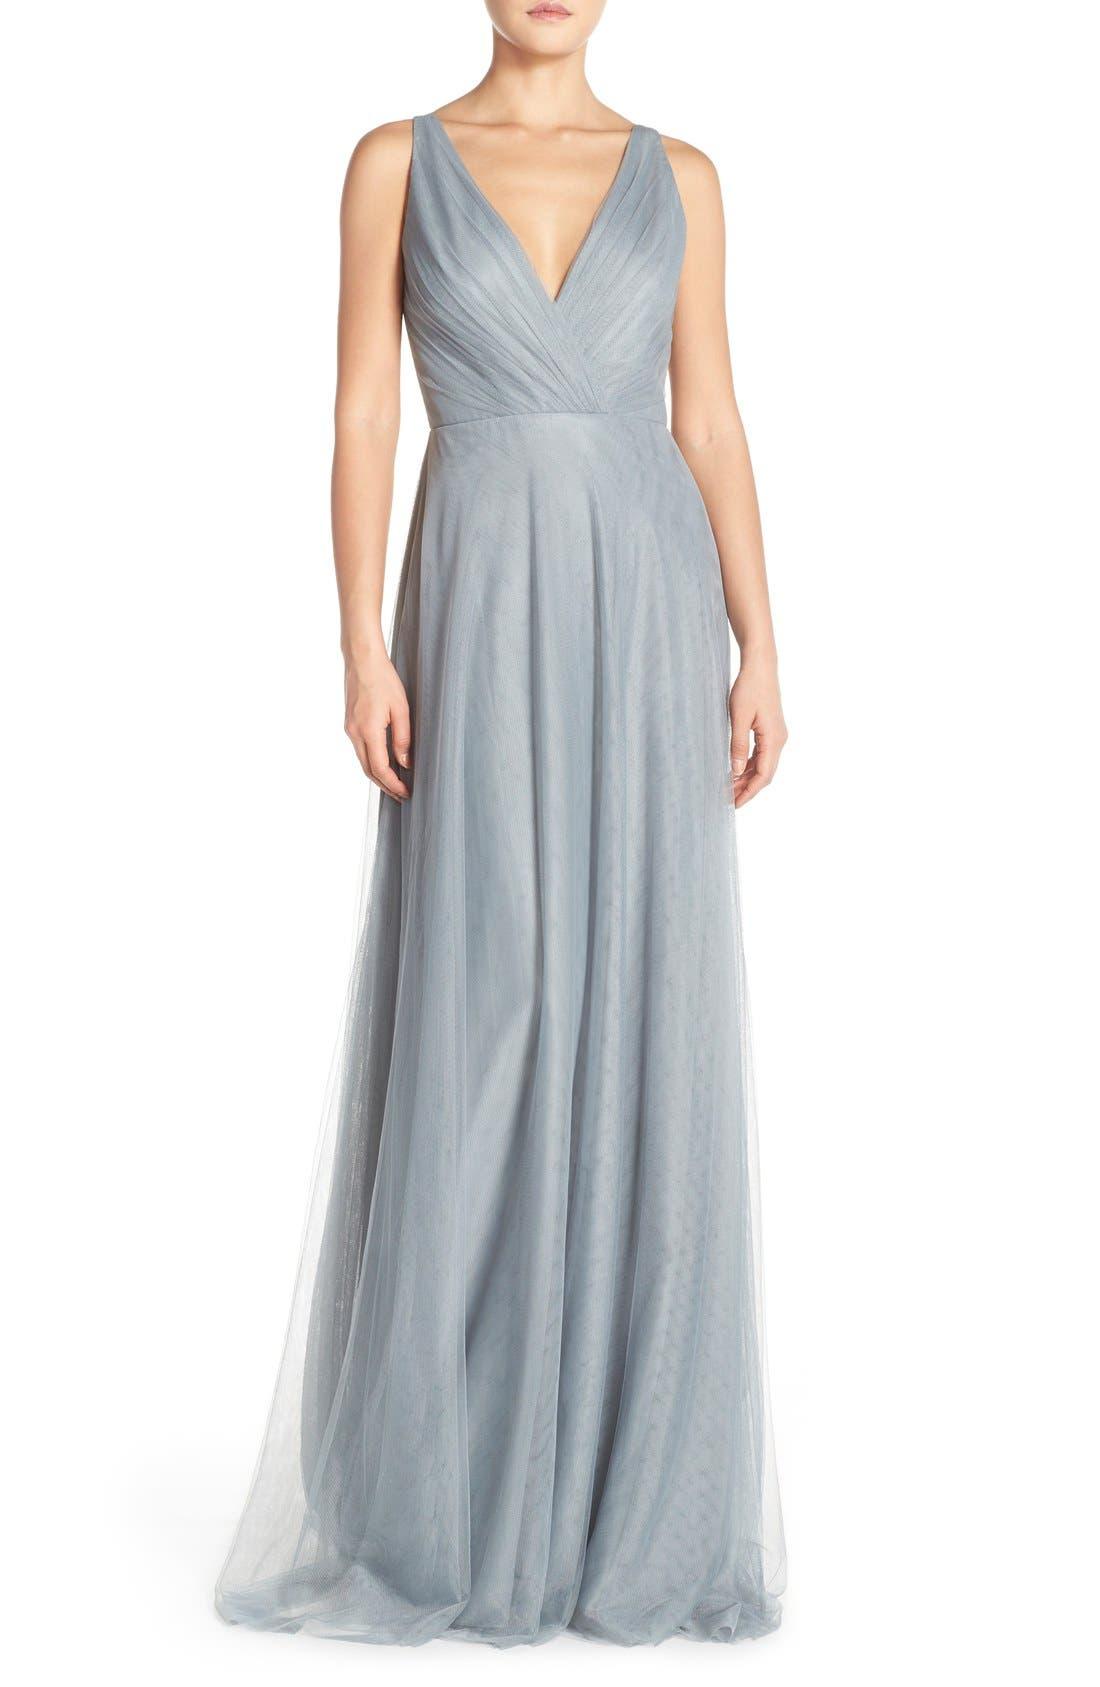 Main Image - Monique Lhuillier Bridesmaids Back Cutout Pleat Tulle Gown